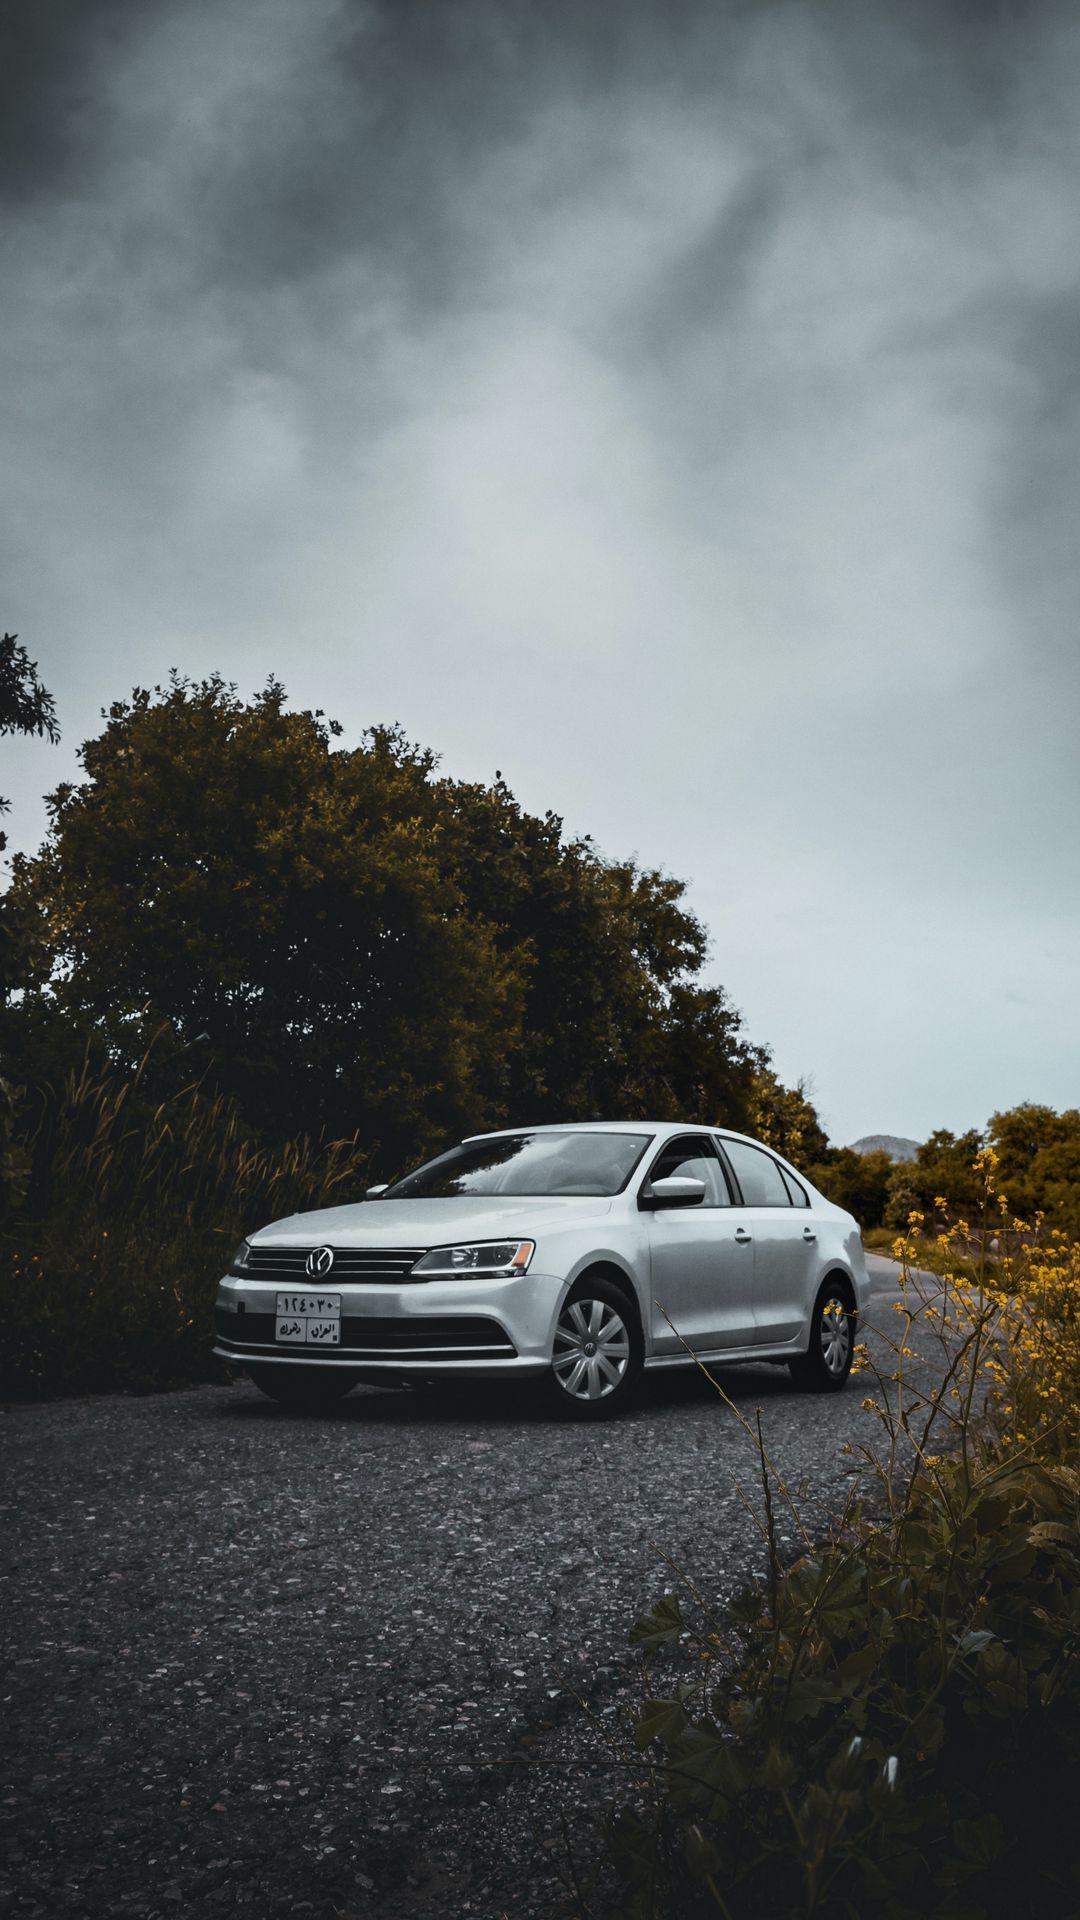 Volkswagen Jetta Europa Wallpapers Free Download